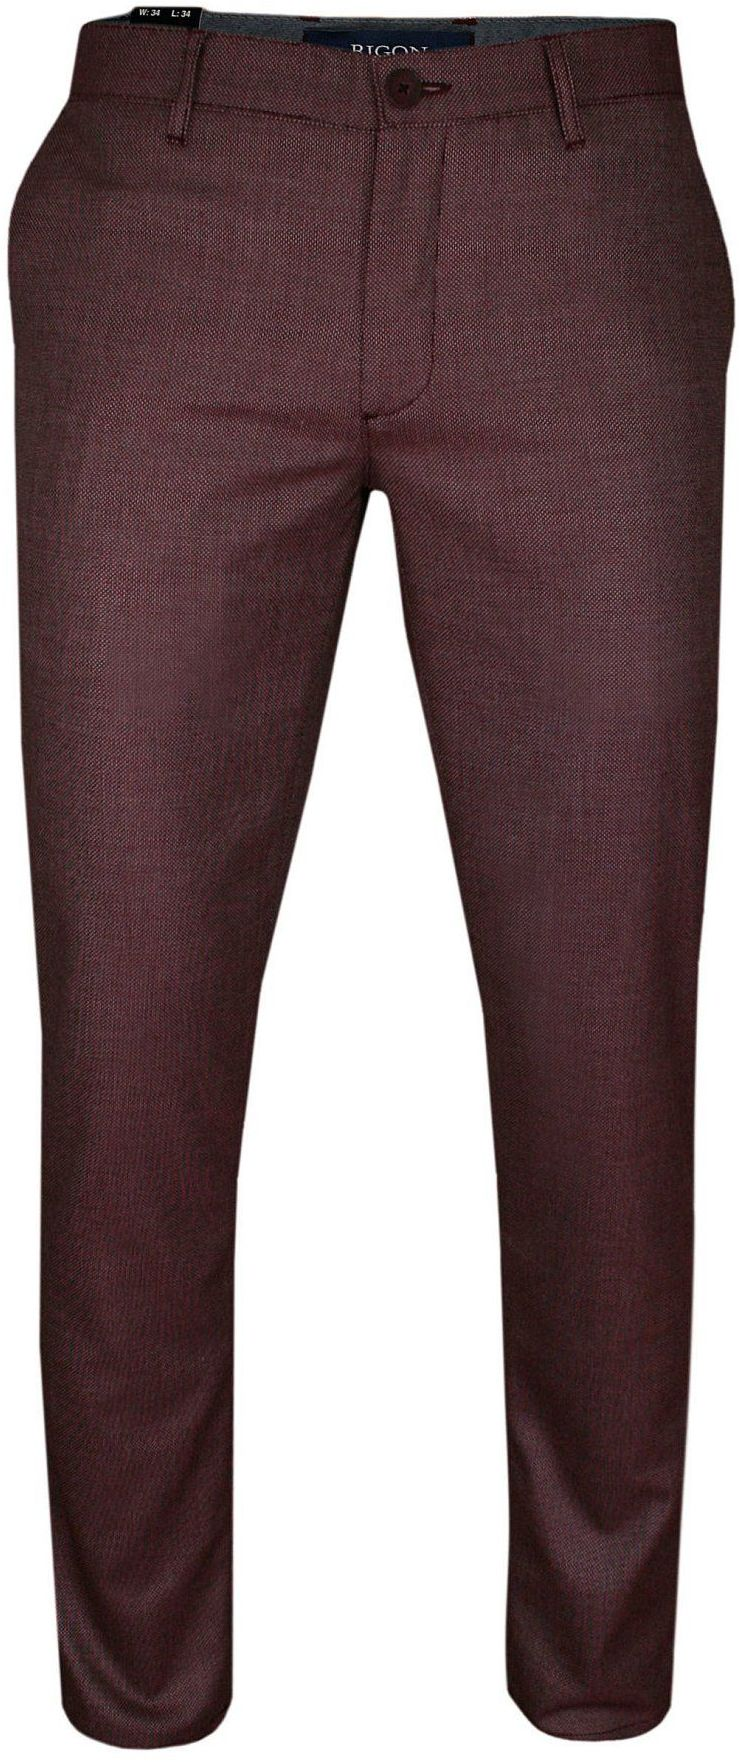 Bawełniane Bordowe Eleganckie Casualowe Spodnie Męskie -RIGON- Zwężane, Chinosy, Tłoczony Wzór SPRGNEGE26757bordo